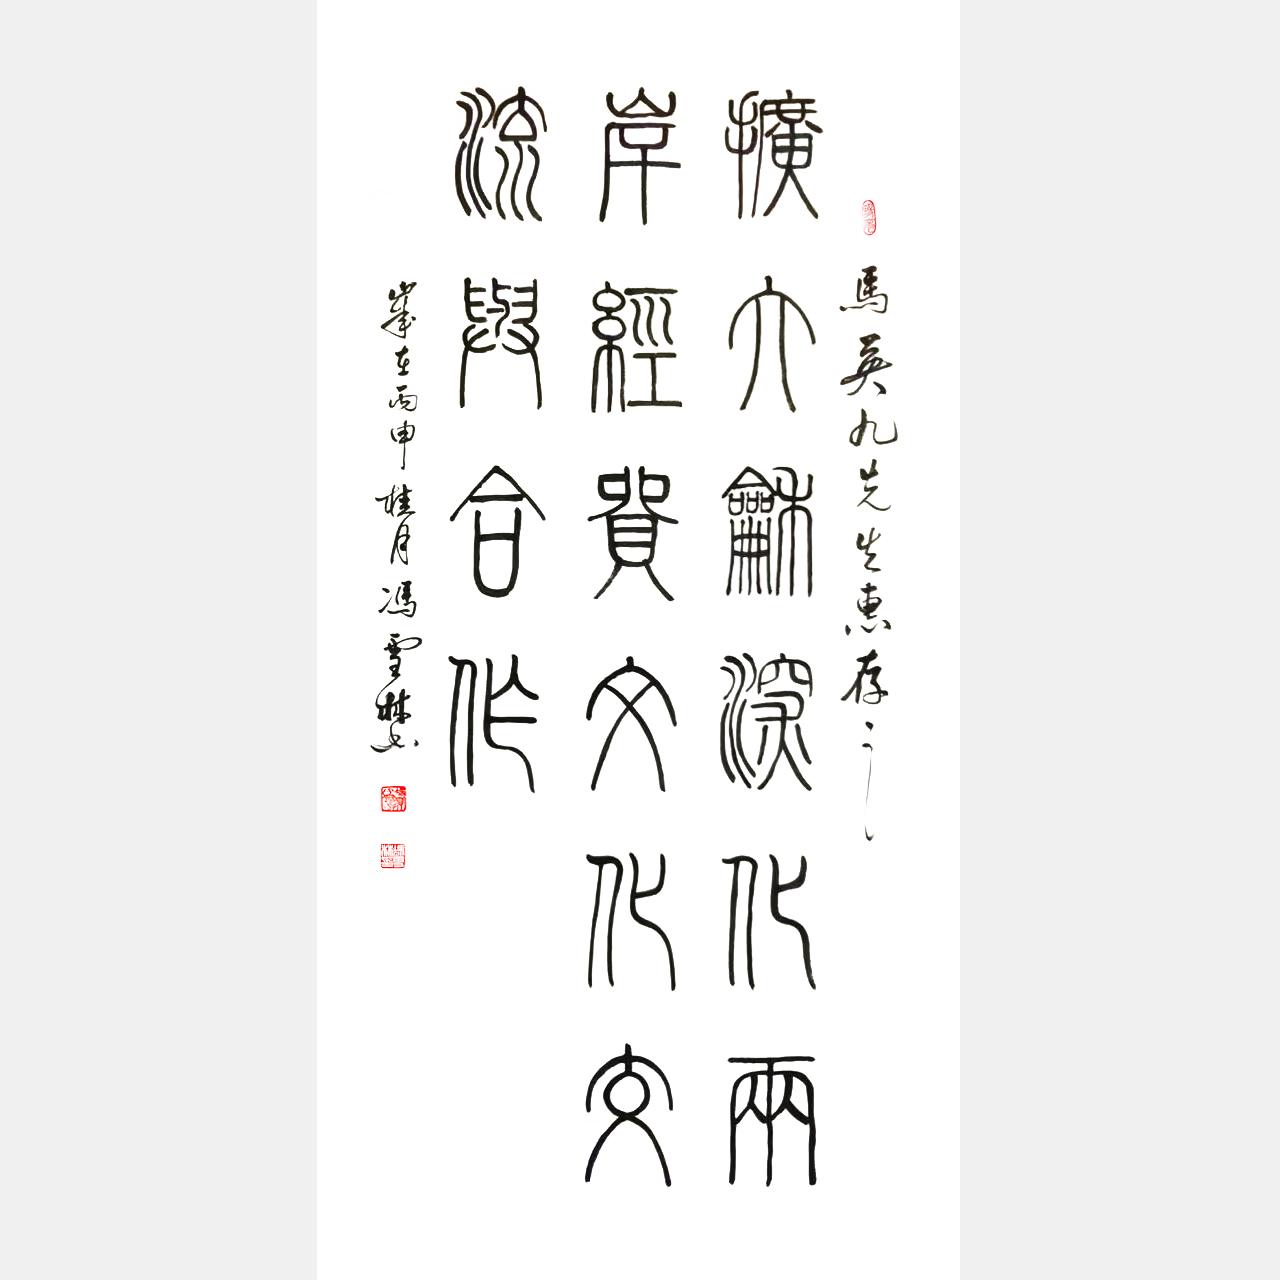 冯雪林篆书 扩大和深化两岸经贸文化交流与合作